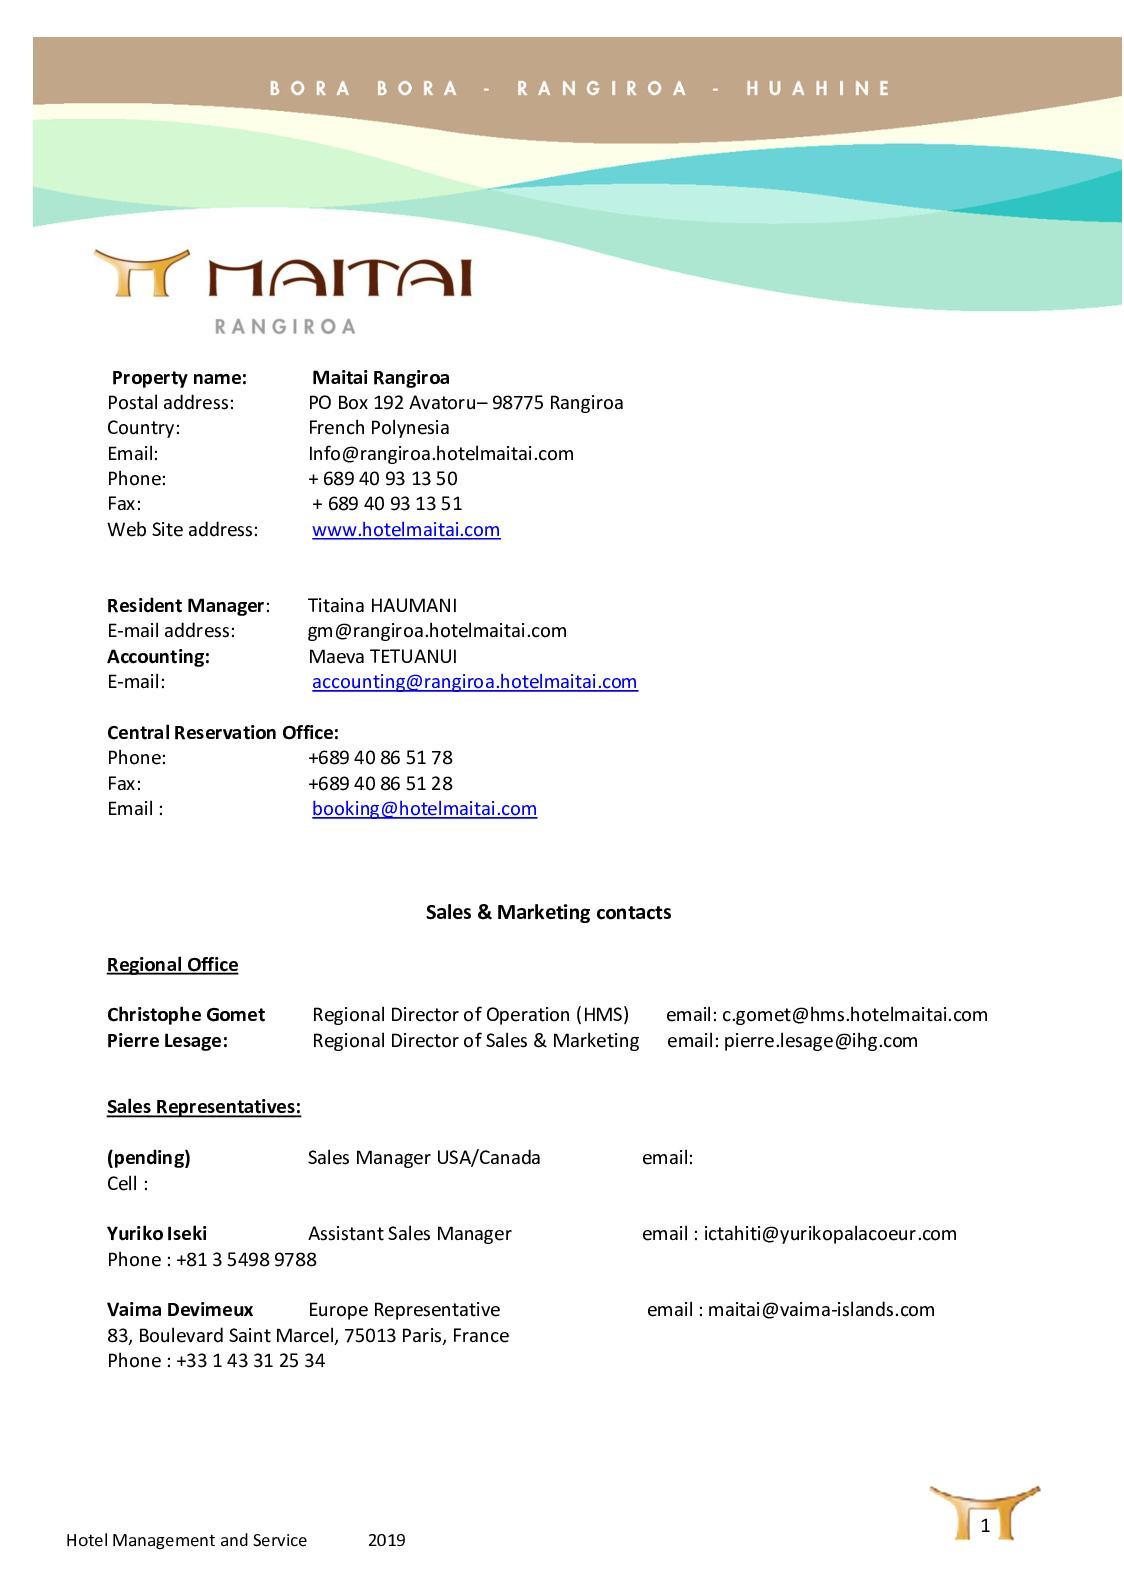 Calaméo - MAITAI RANGIROA Fact Sheet 2019 ENG